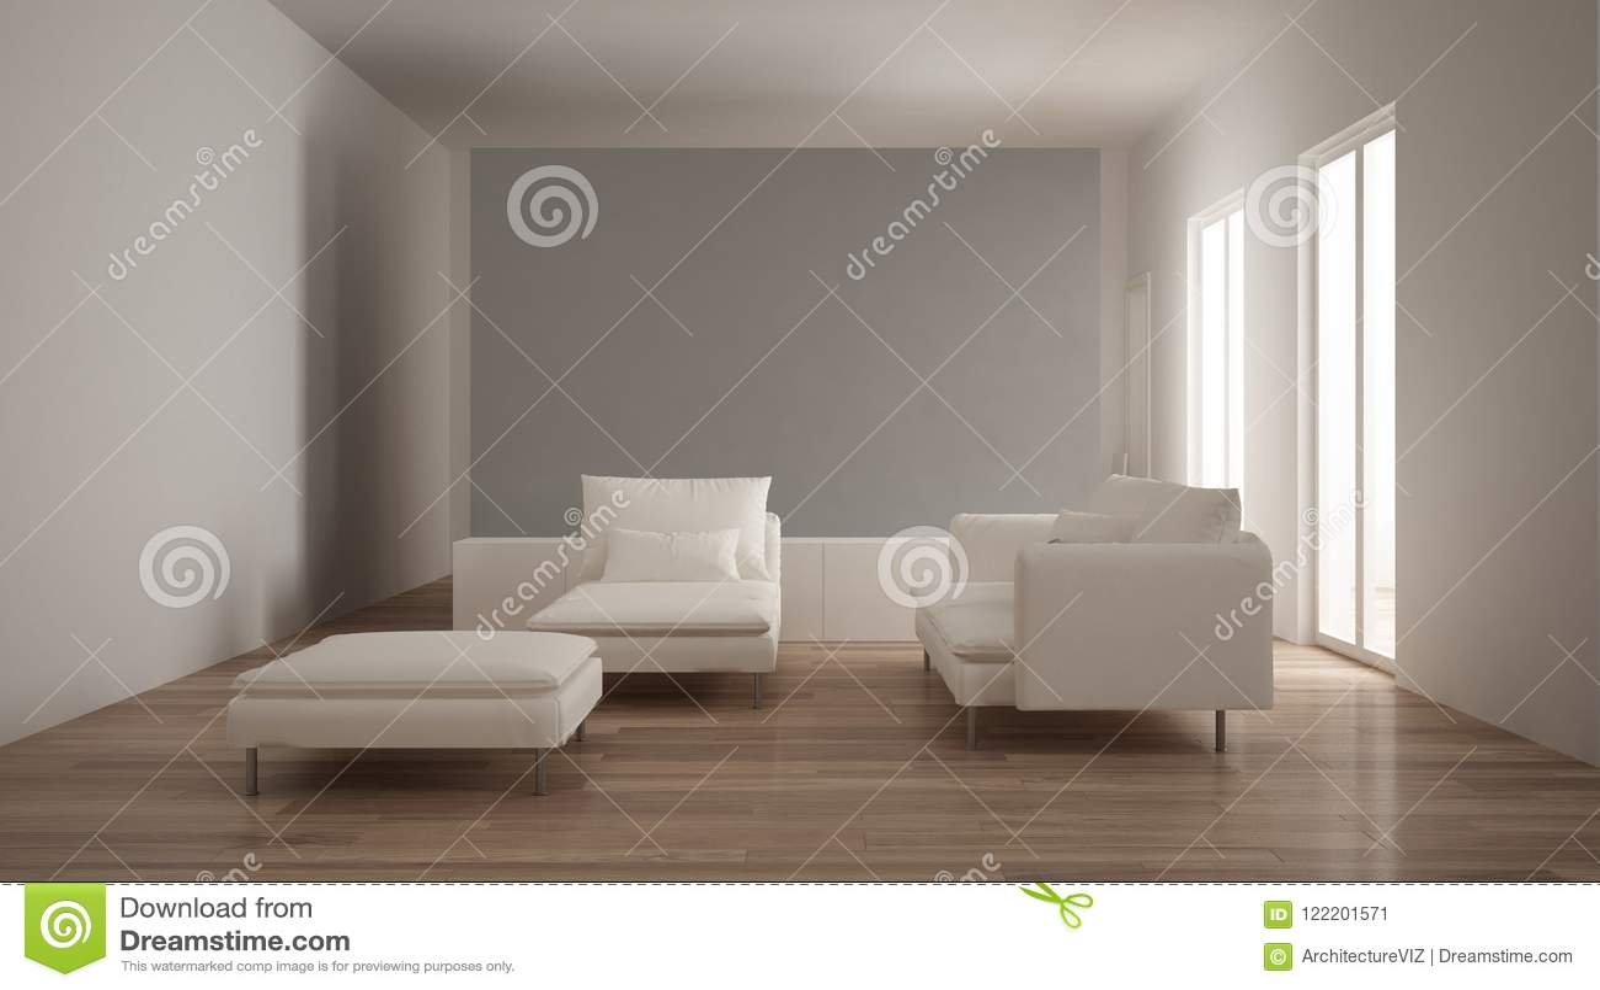 Minimalisme, Salon Moderne Avec Le Mur Gris De Plâtre, Sofa, Chaise Longue  Et